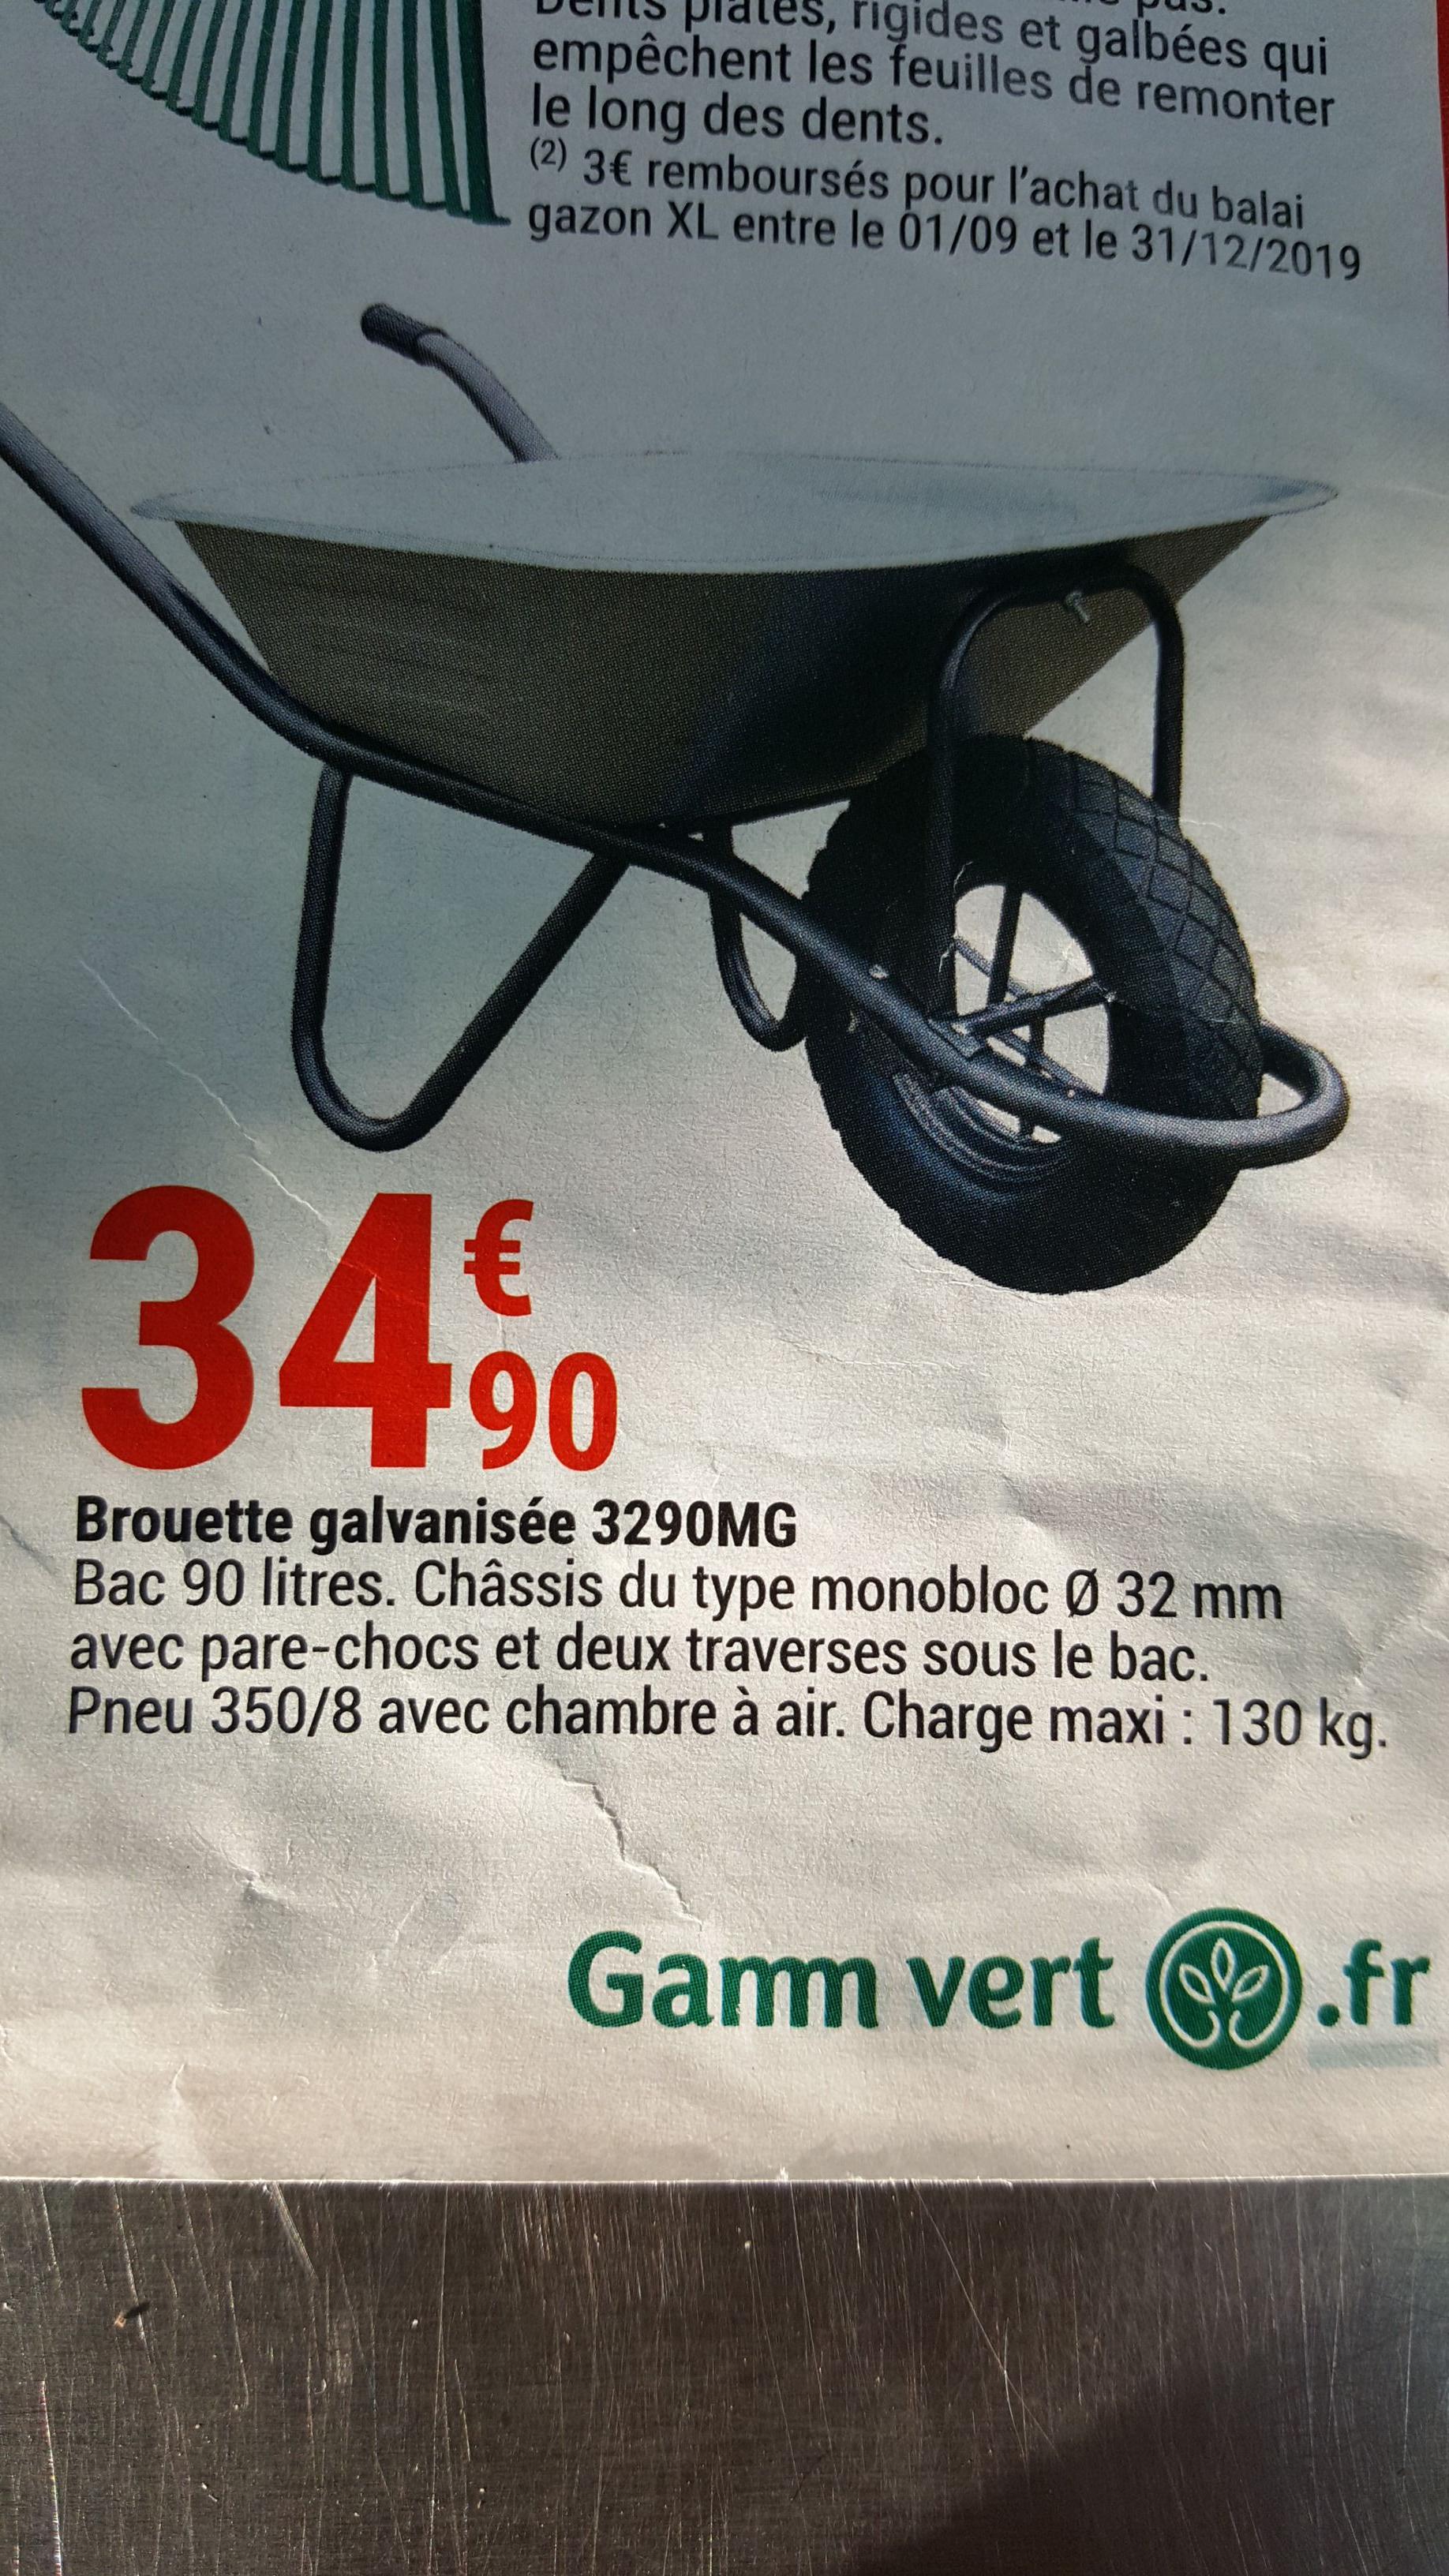 Brouette galvanisée - 90 litres, 130kg